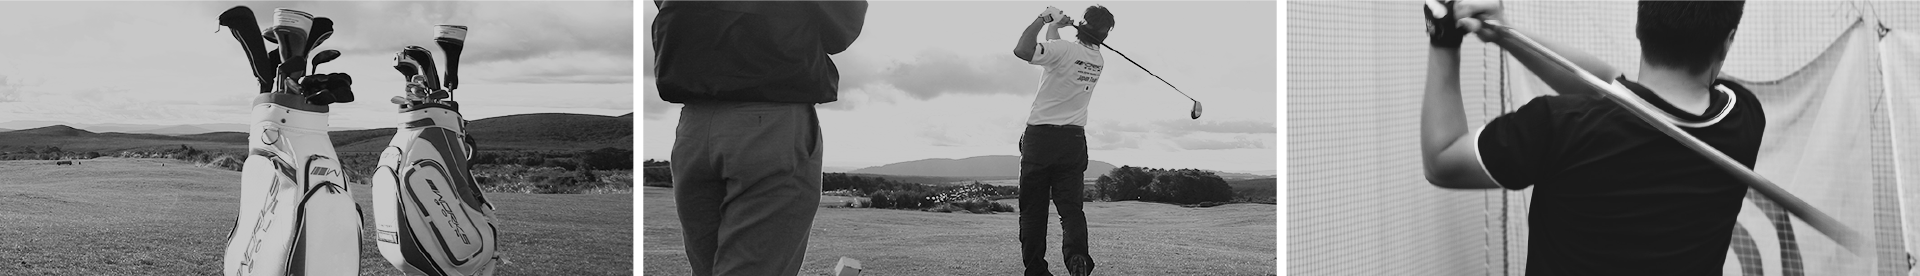 ワークスゴルフ動画イメージ